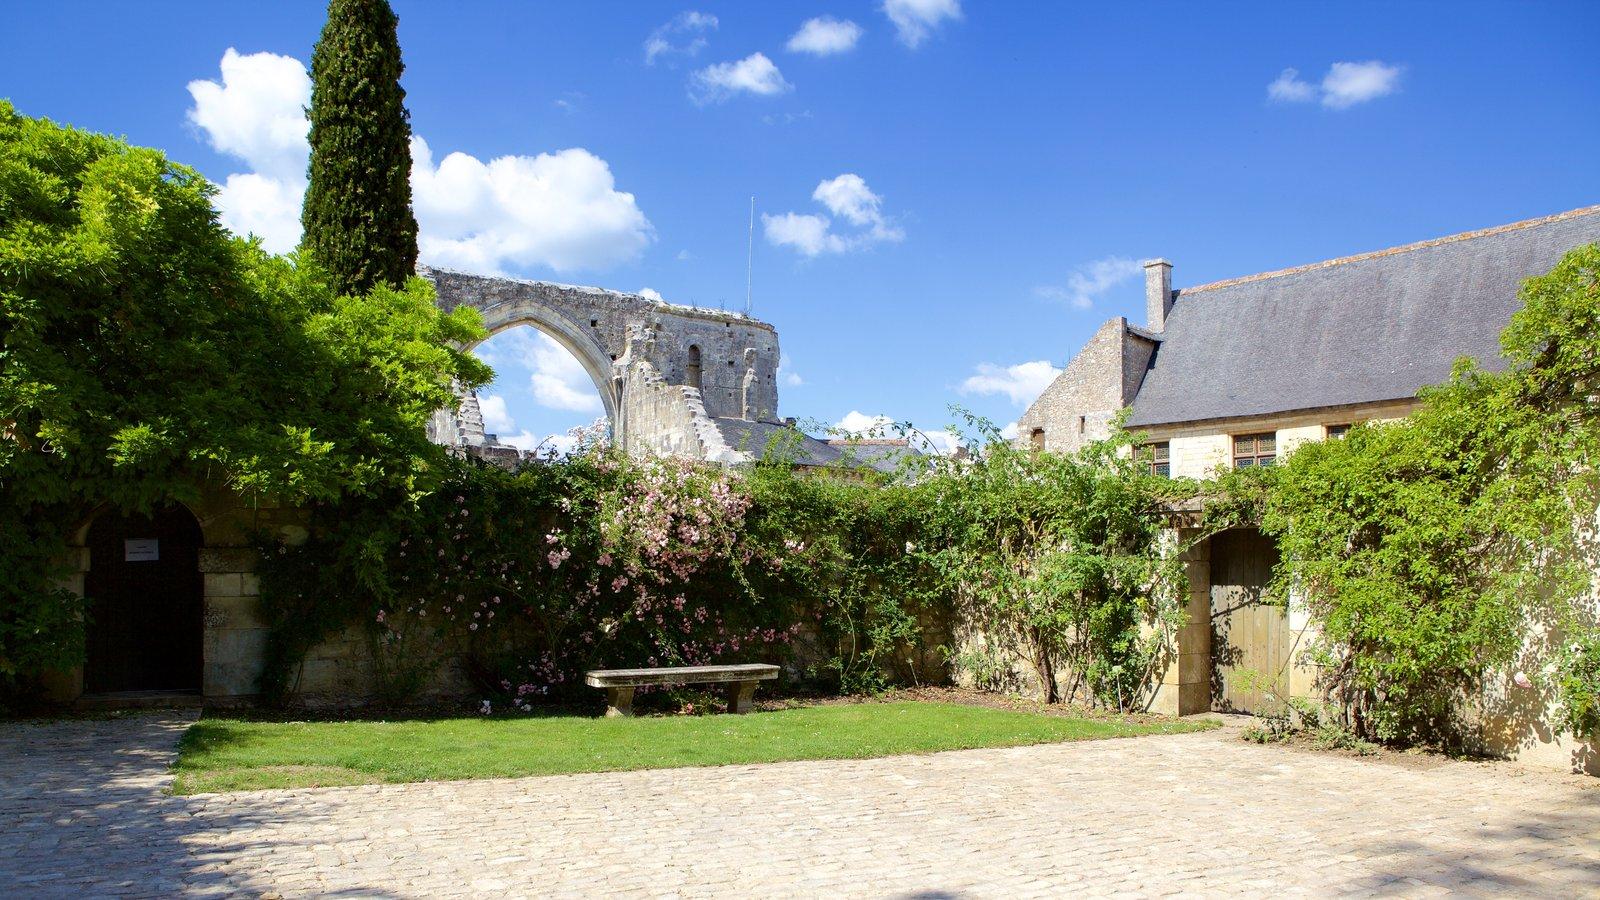 Prieure de St-Cosme caracterizando um jardim e elementos de patrimônio